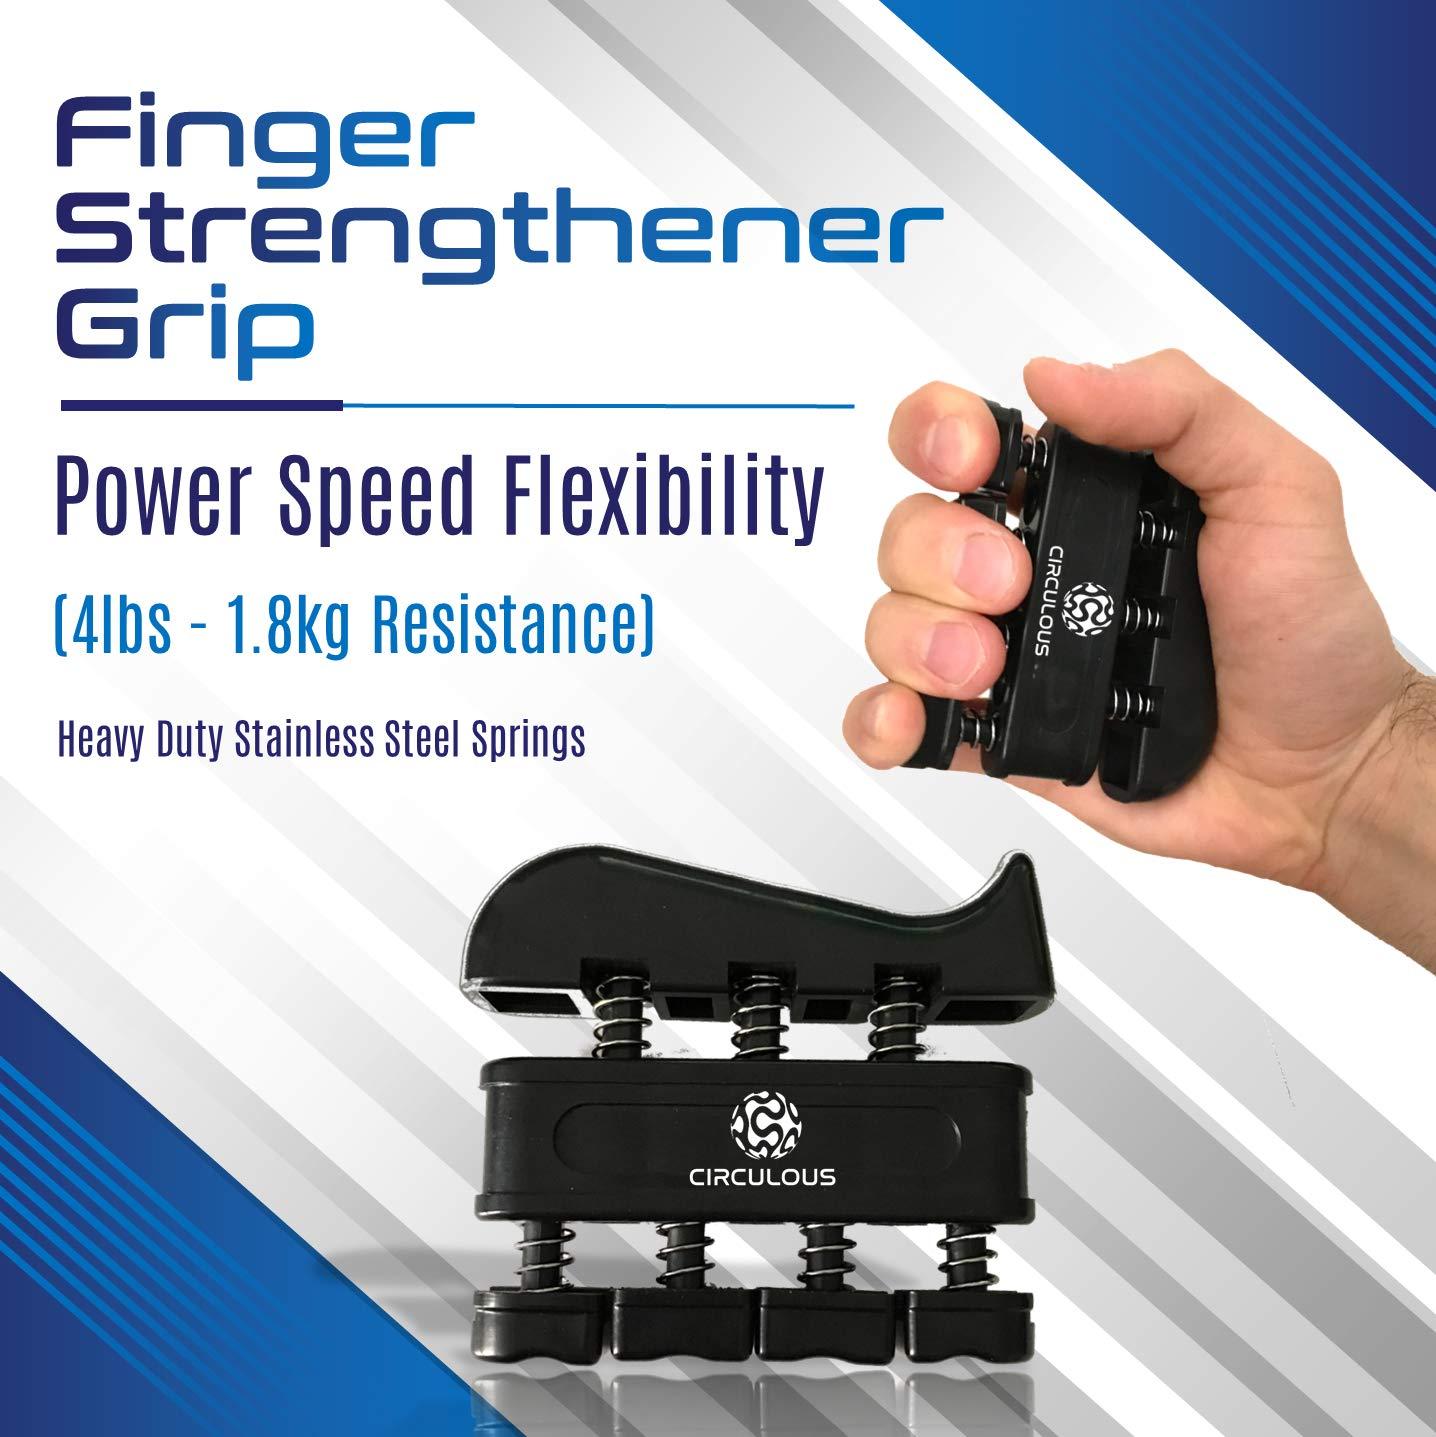 Kit de refuerzo de agarre de mano circular, agarre de muñeca, agarre de entrenamiento de fuerza de muñeca, equipo de fortalecimiento - agarre de ...